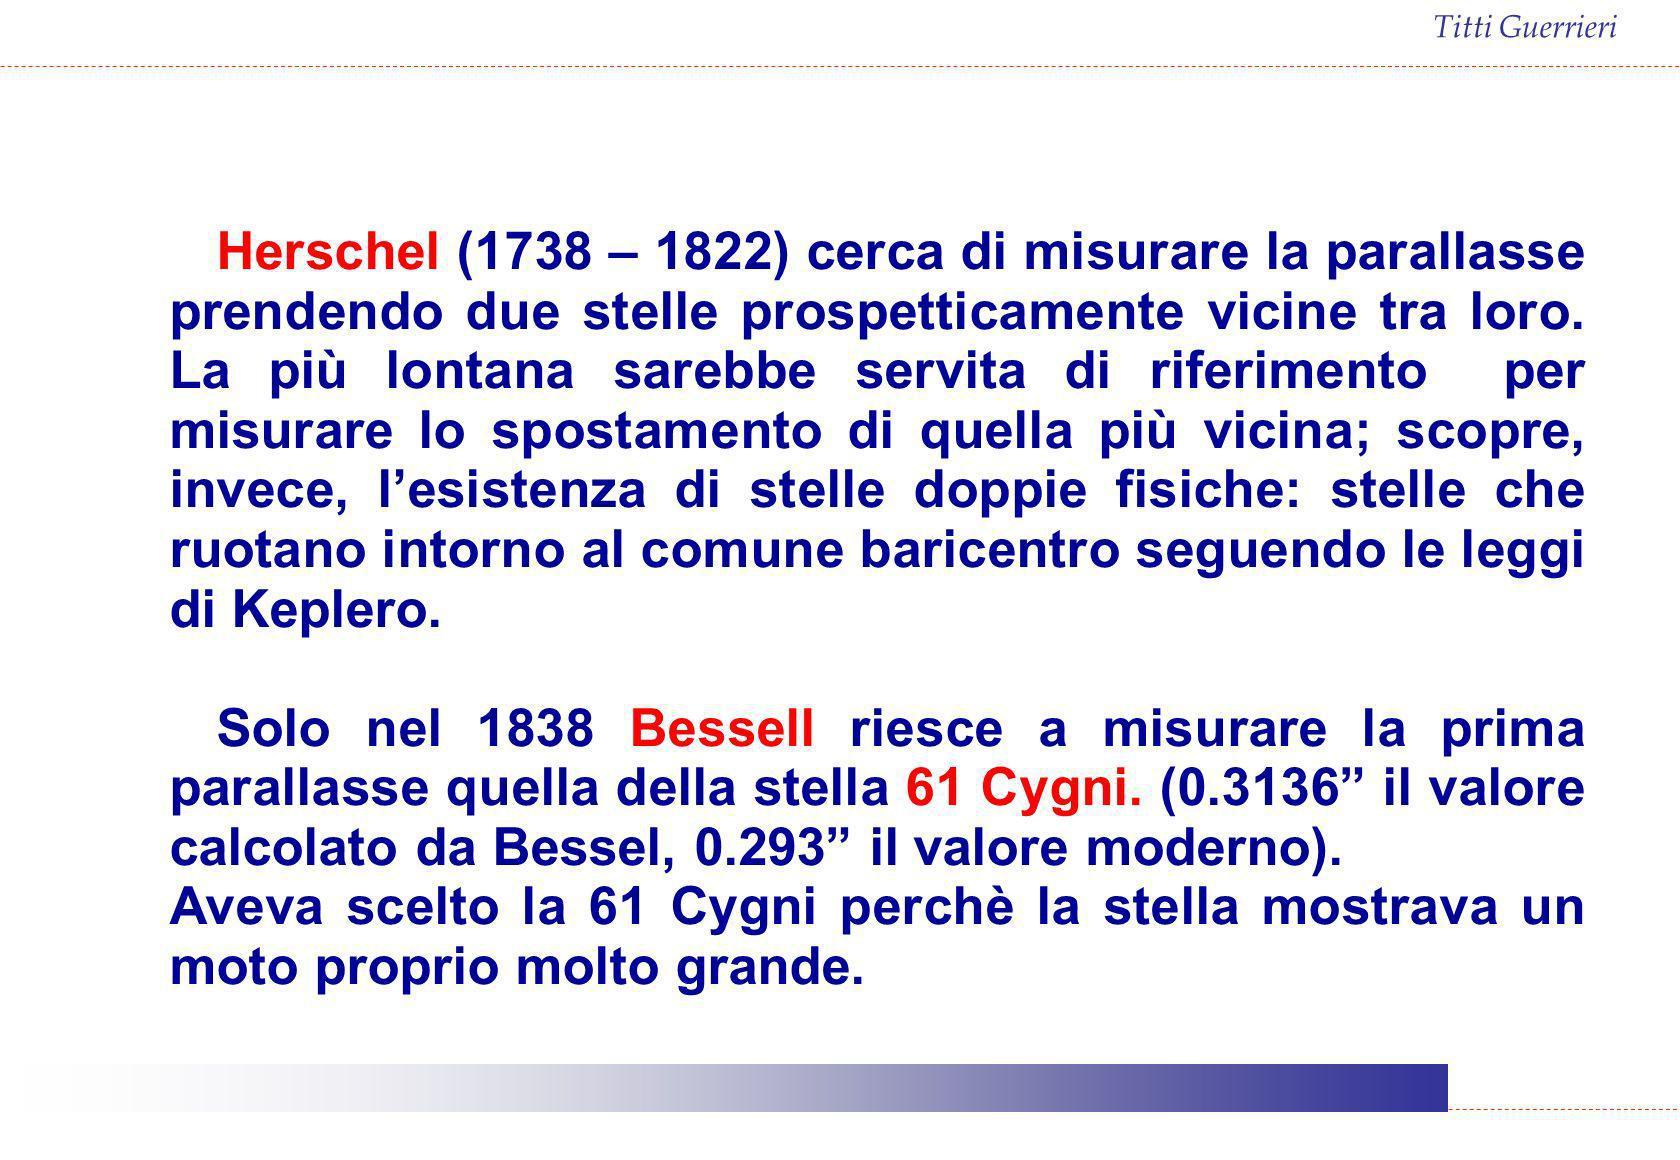 Herschel (1738 – 1822) cerca di misurare la parallasse prendendo due stelle prospetticamente vicine tra loro. La più lontana sarebbe servita di riferimento per misurare lo spostamento di quella più vicina; scopre, invece, l'esistenza di stelle doppie fisiche: stelle che ruotano intorno al comune baricentro seguendo le leggi di Keplero.